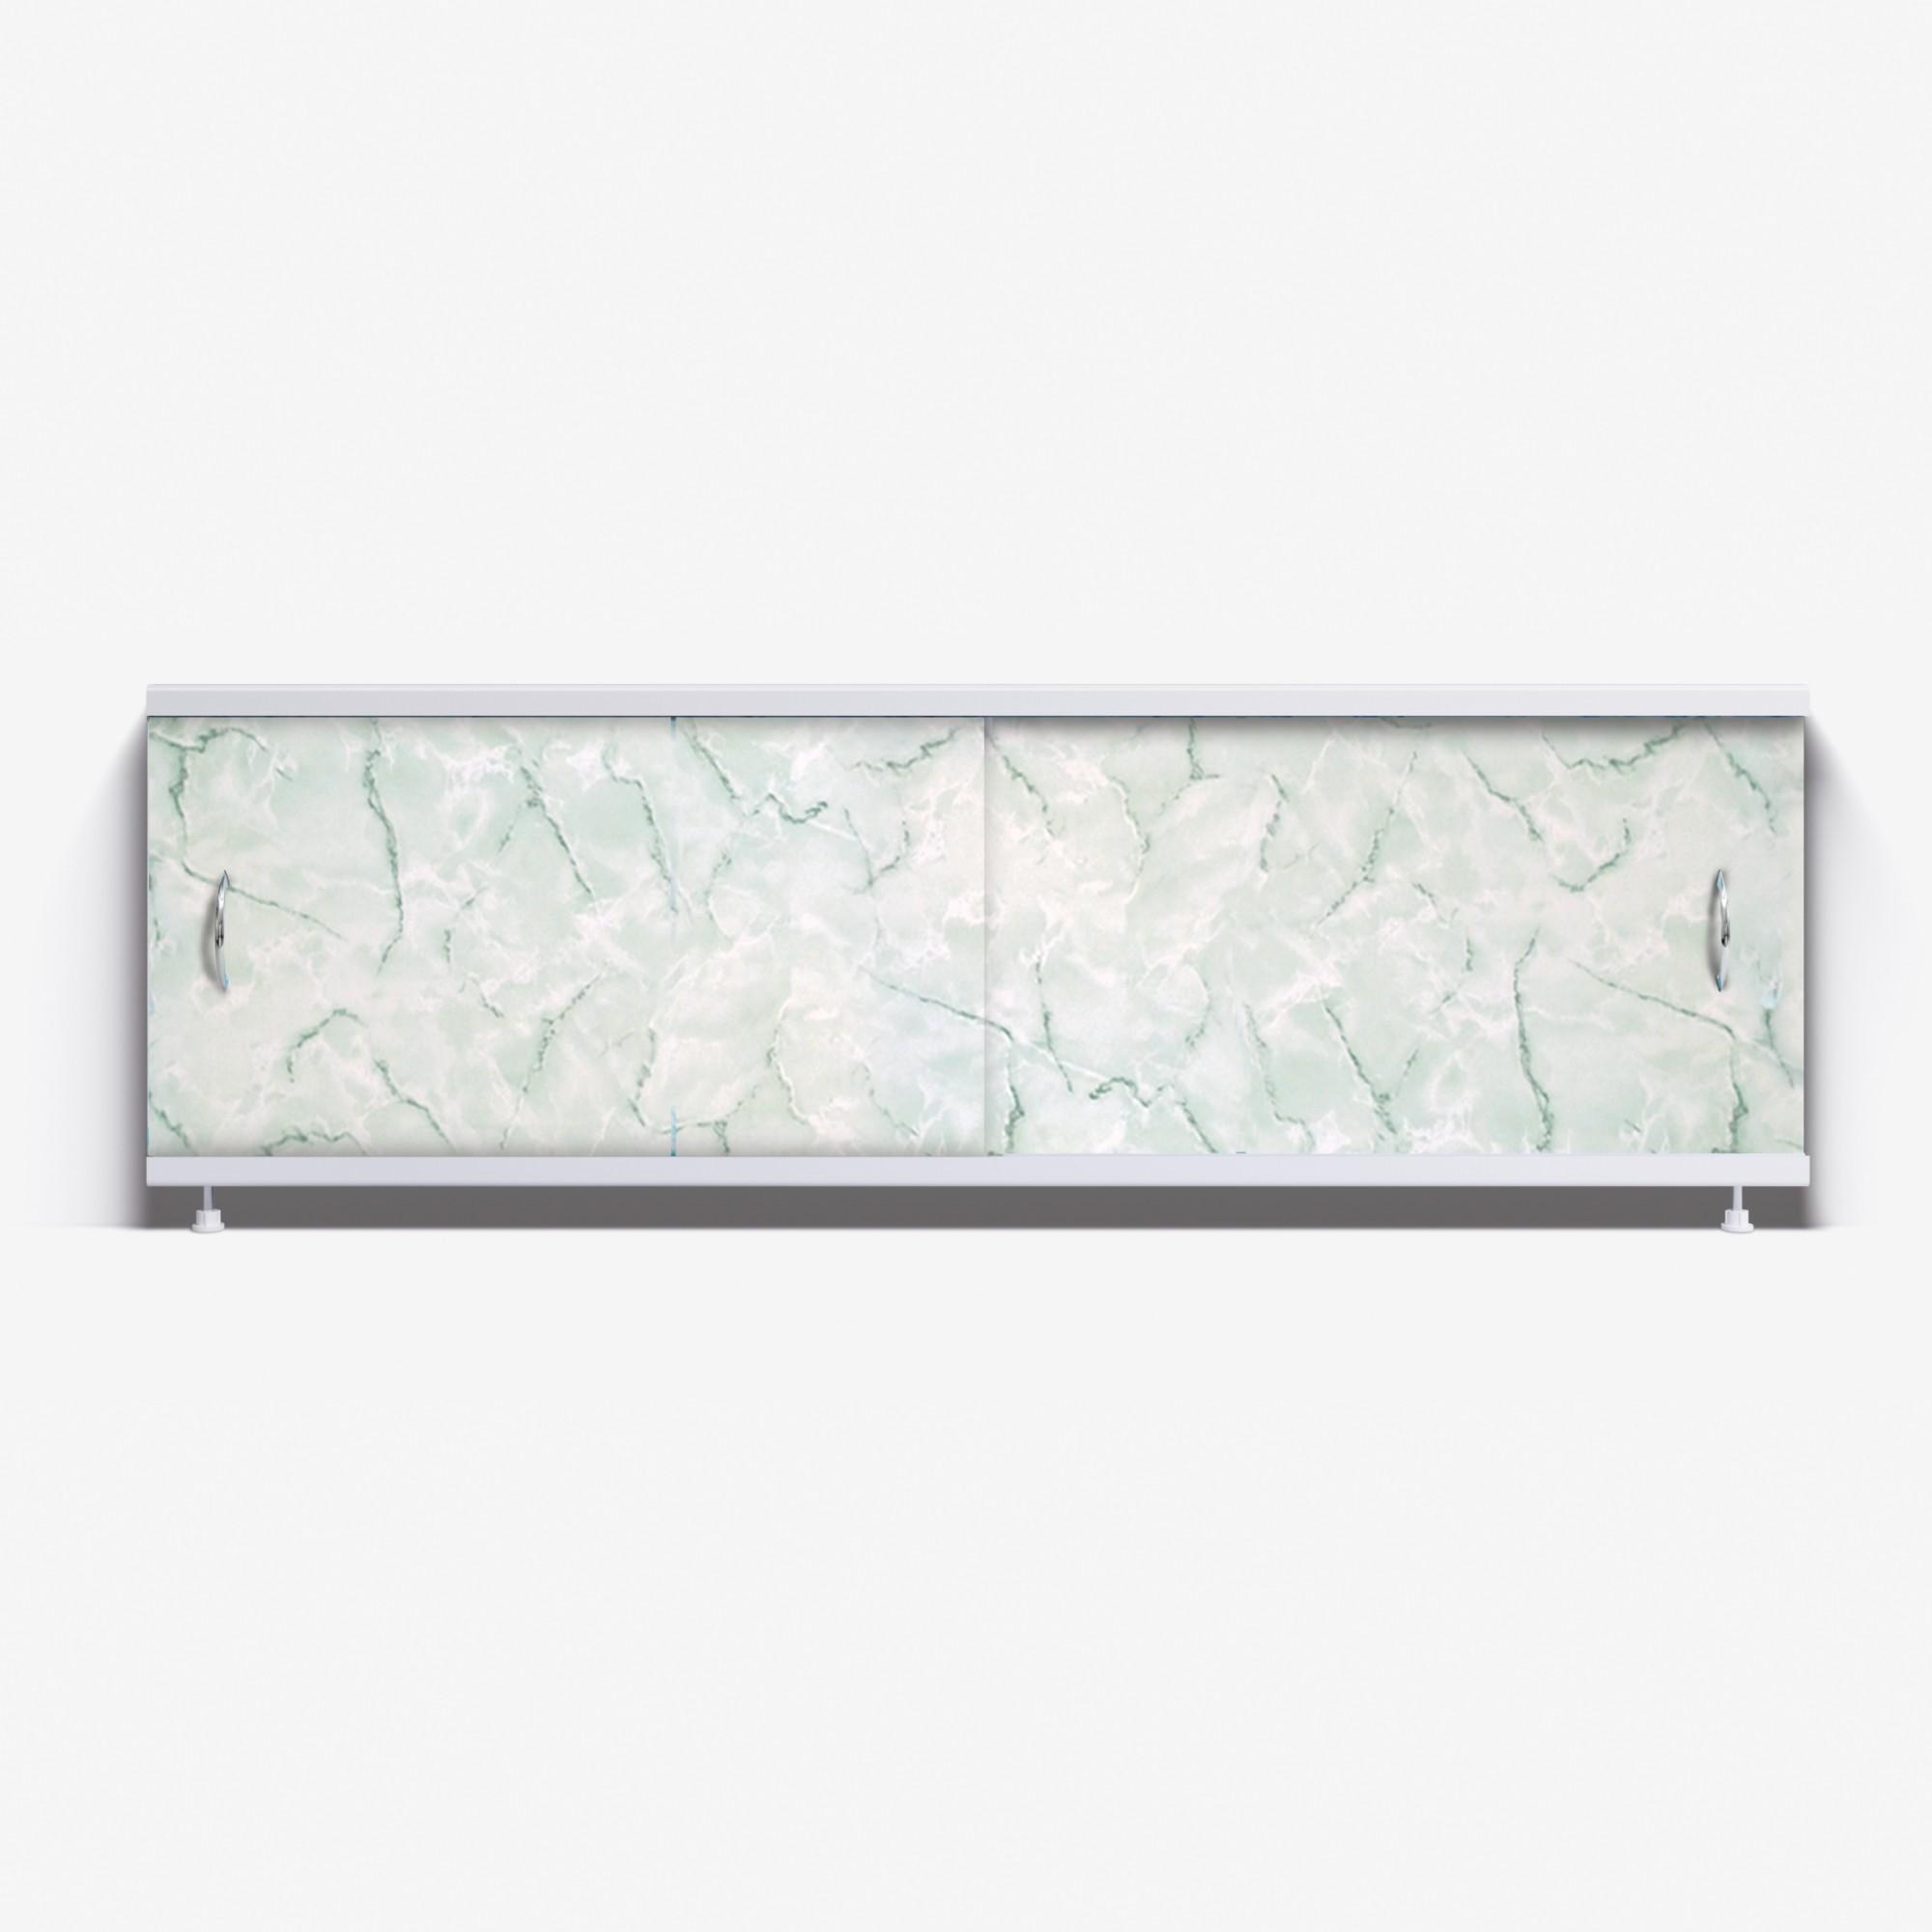 Экран под ванну Классик 150 зеленый мрамор